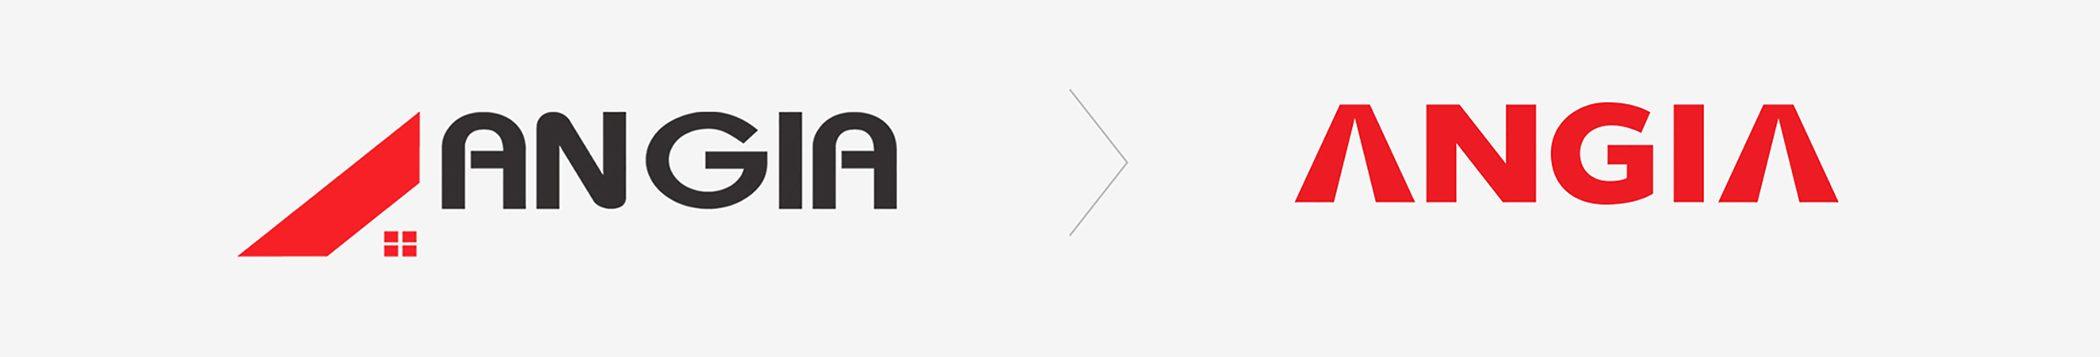 angia logo e1586815894602 - An Gia Investment là công ty nào? Thông tin chi tiết năm 2020